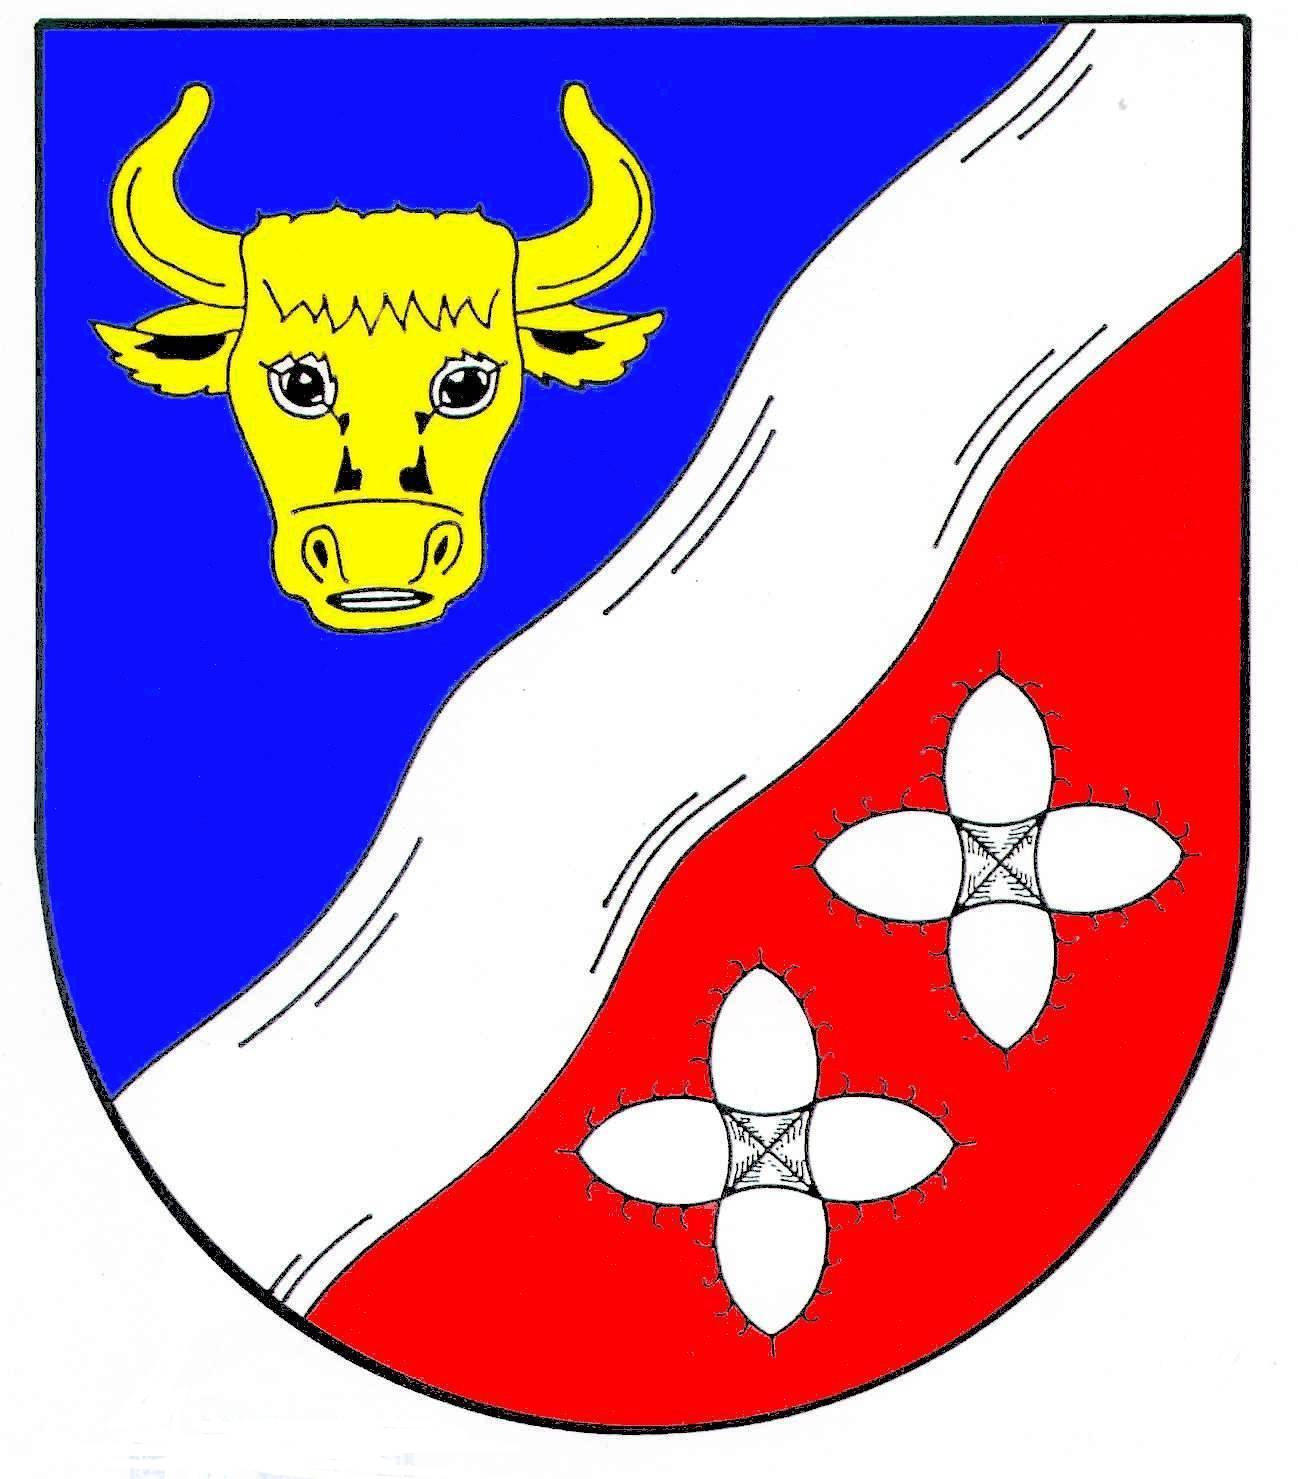 Wappen GemeindeAusacker, Kreis Schleswig-Flensburg